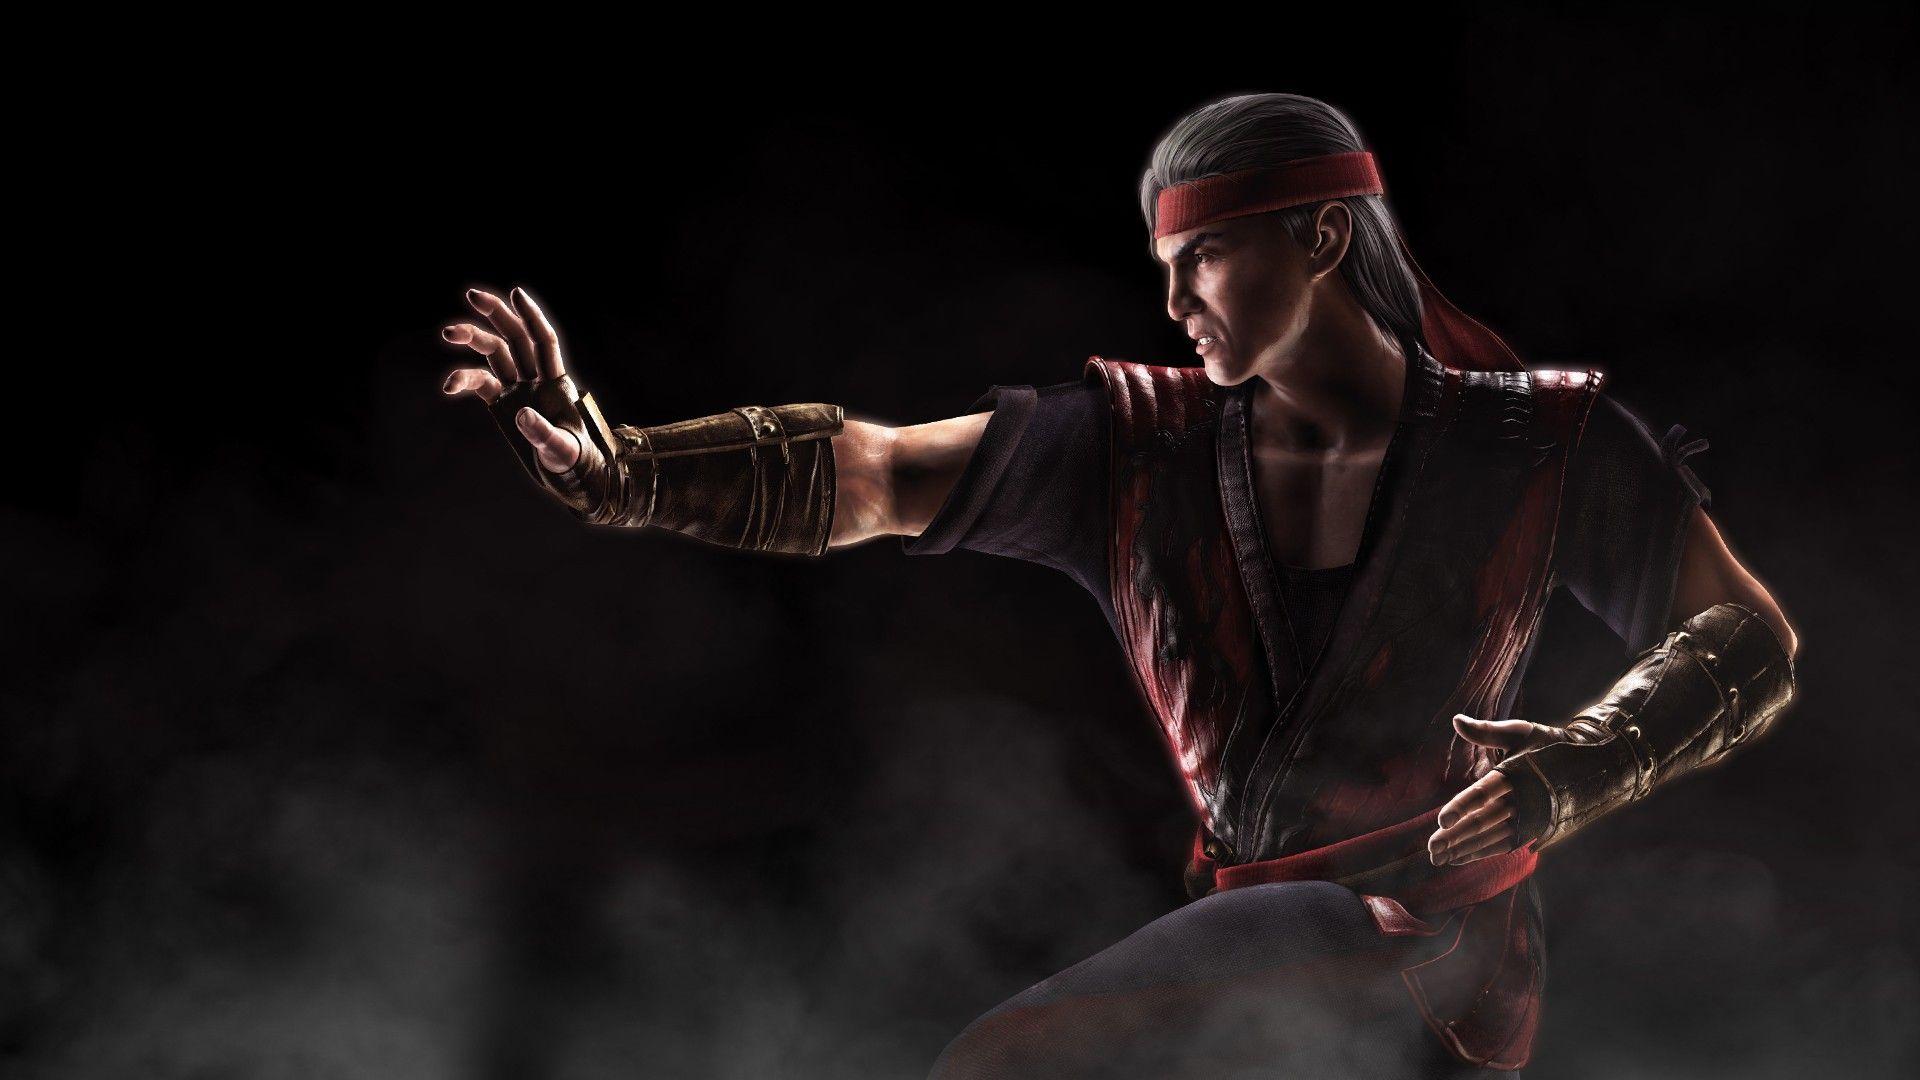 Pin By Rbw On Games Mortal Kombat X Mortal Kombat Liu Kang